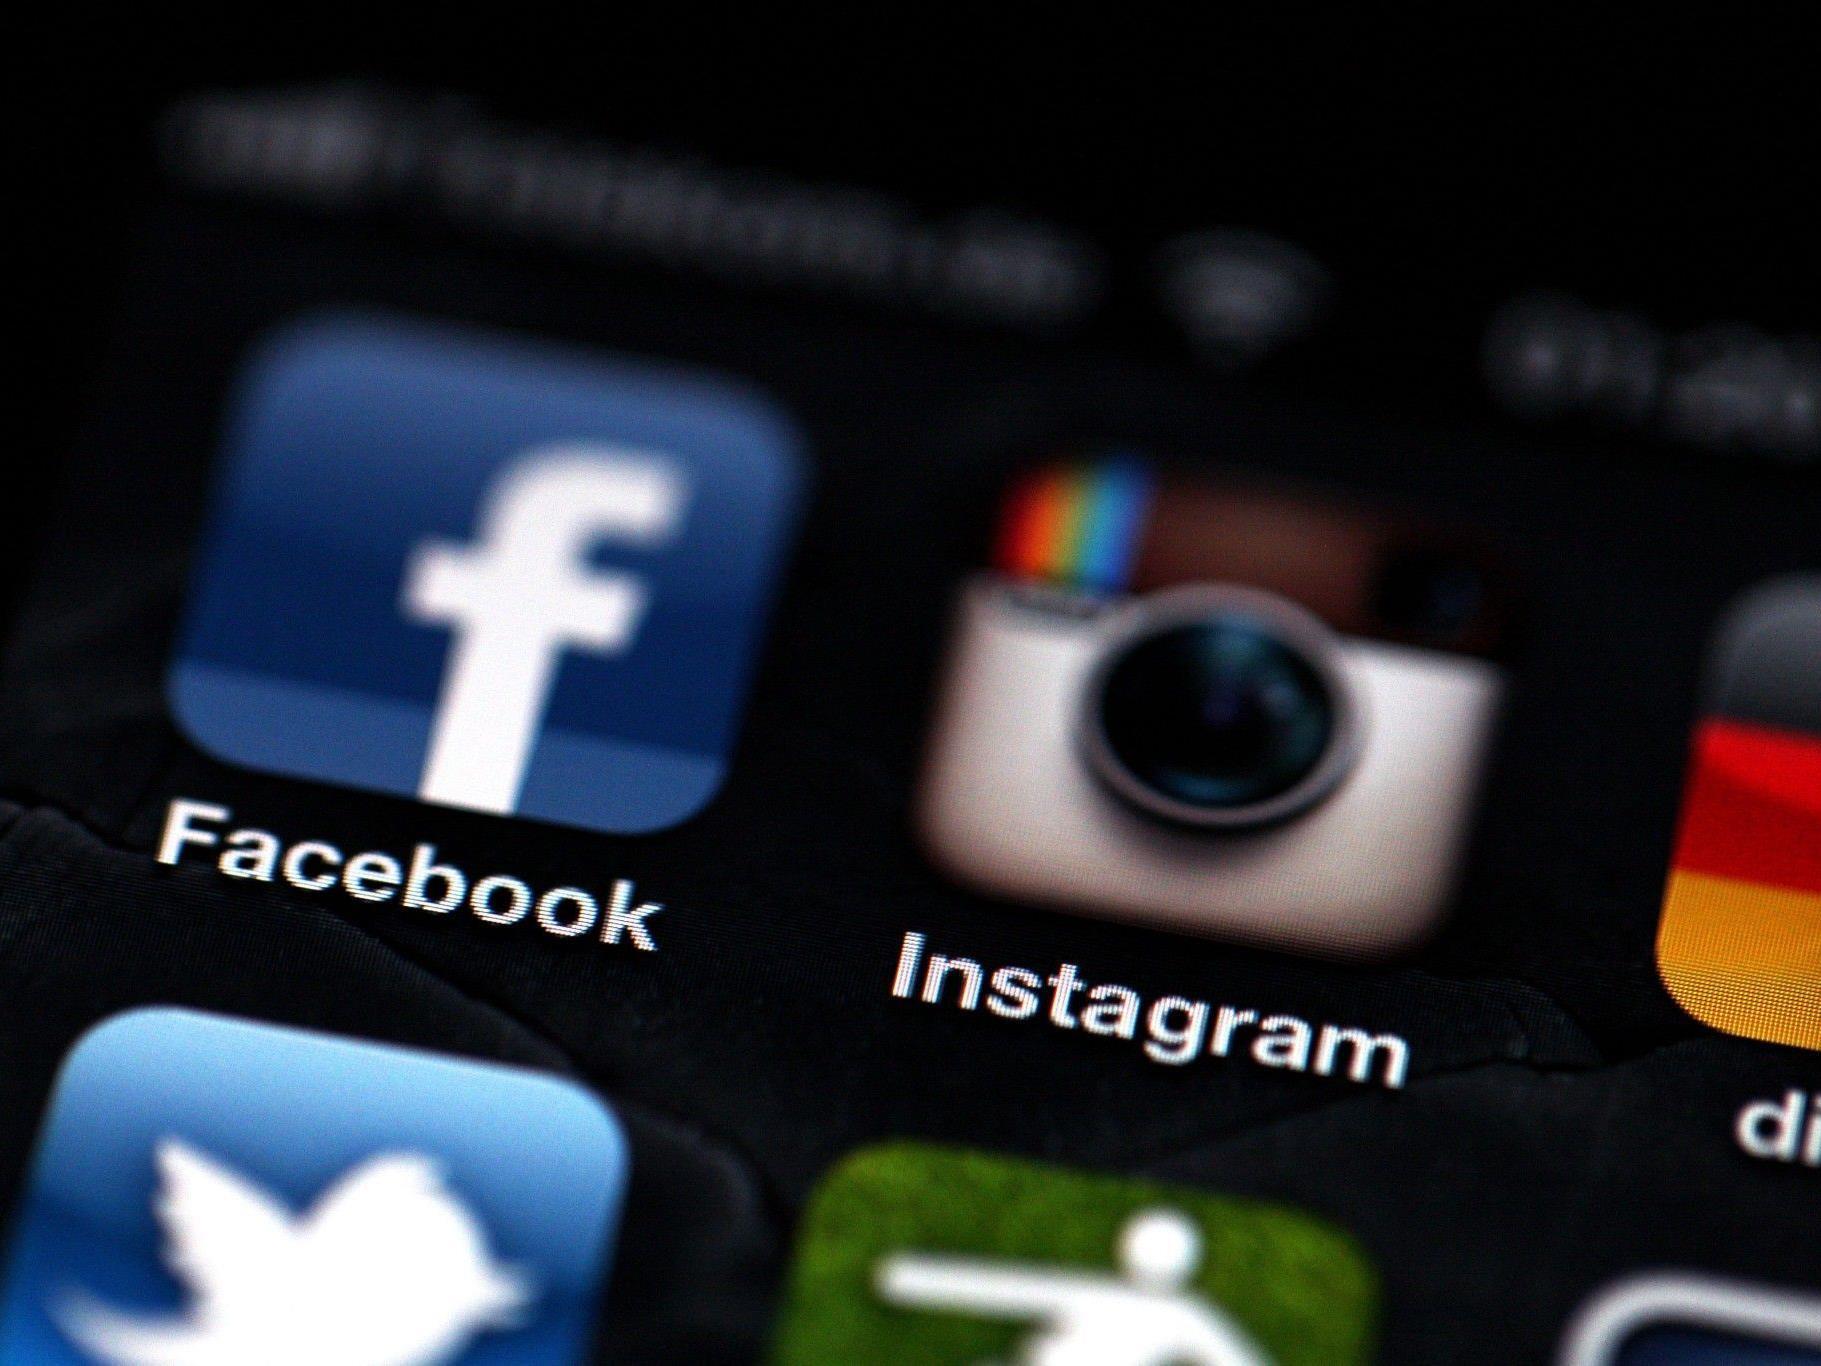 Facebook-Tochter wollte Fotonutzung für Werbung freigeben.